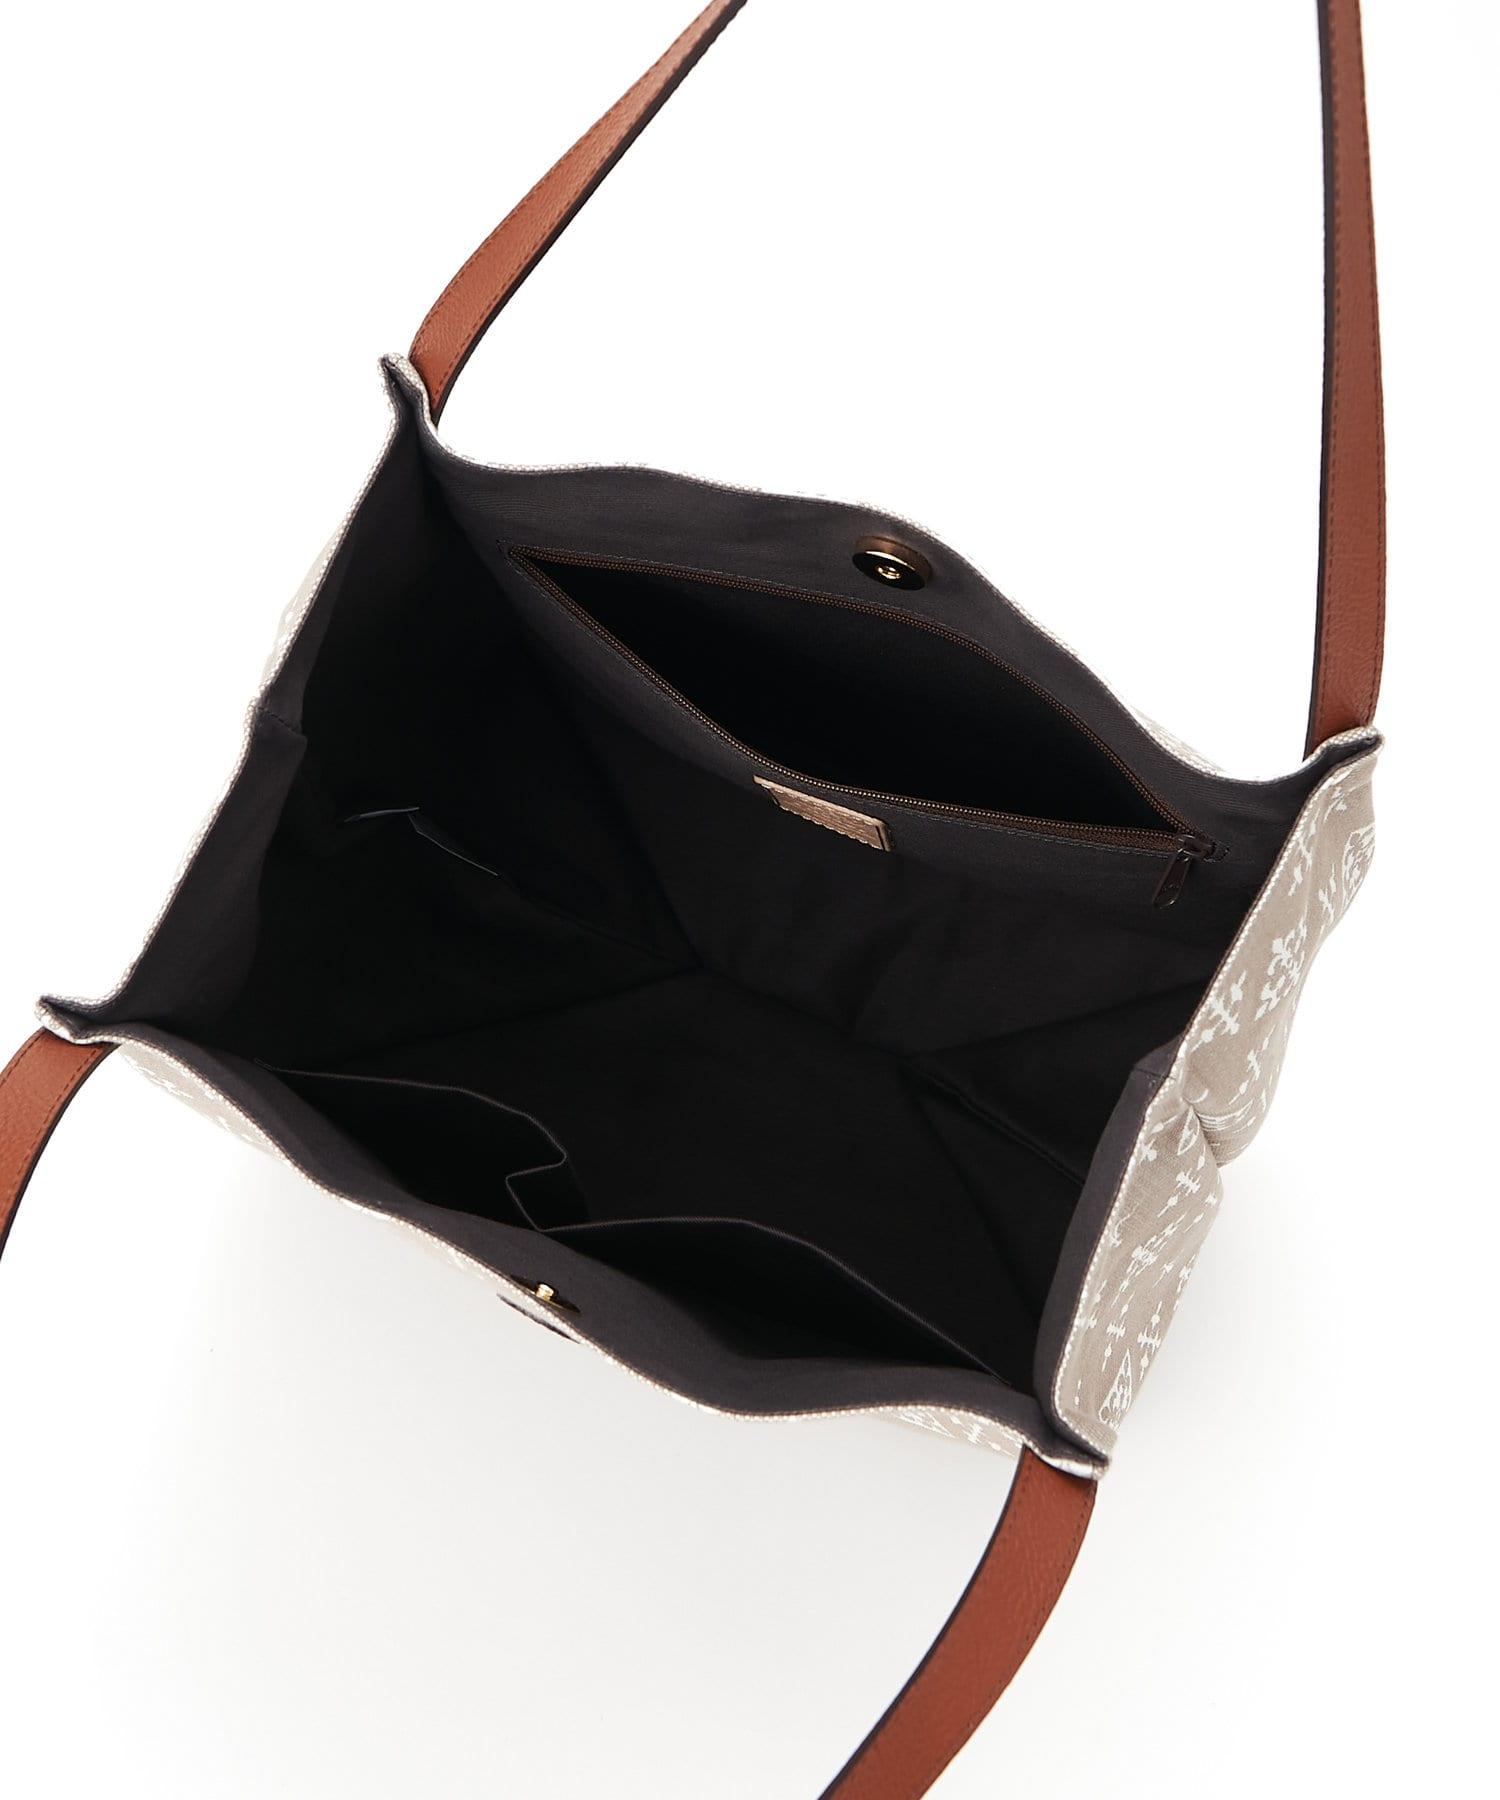 russet(ラシット) 《新作》たためるバッグ【コットンジャガード】(CE-853)